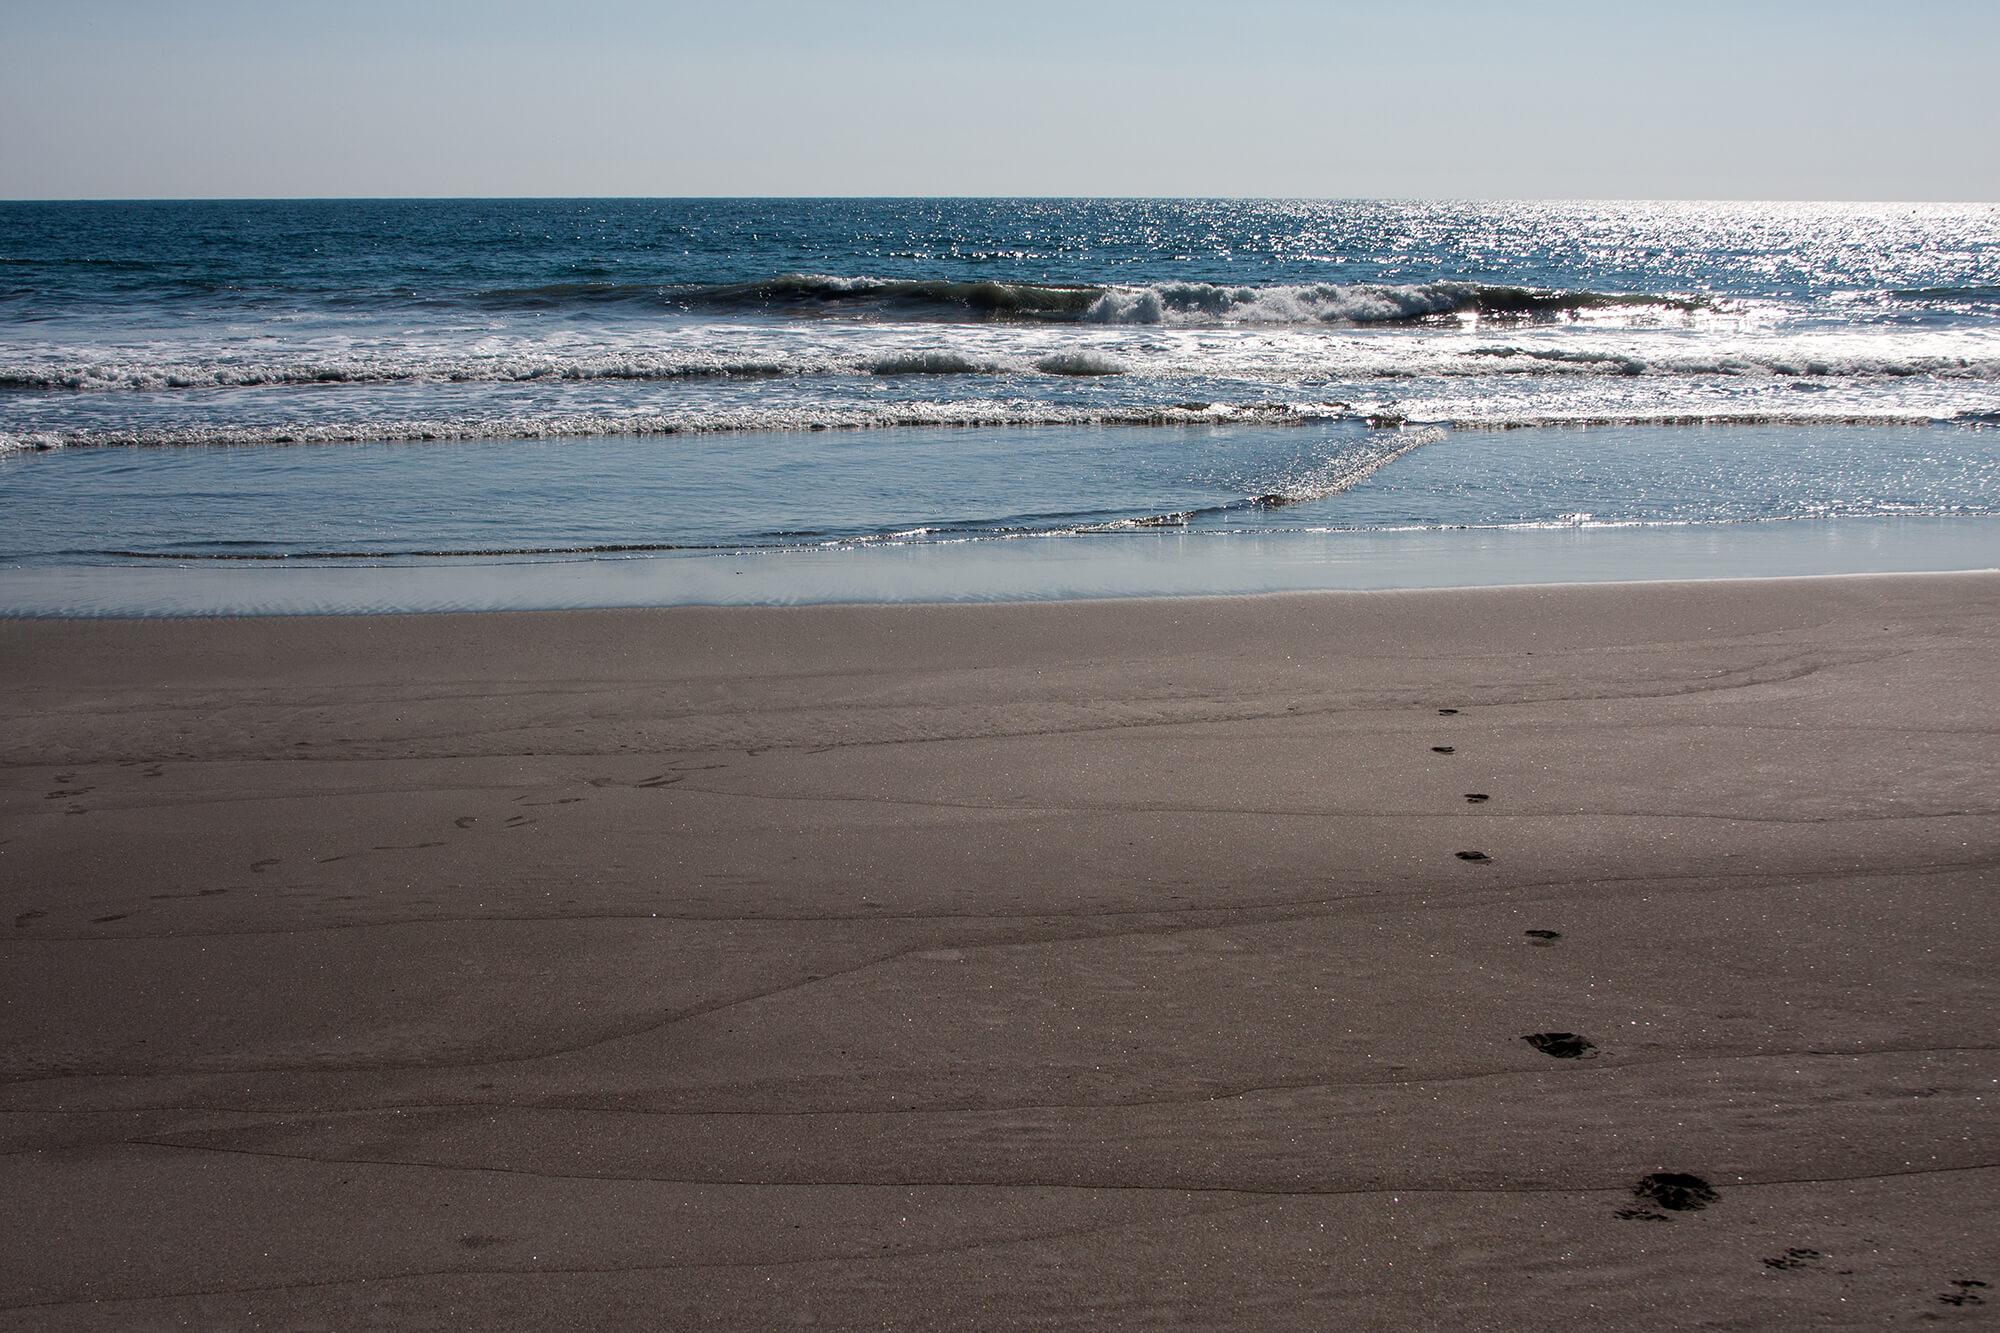 Playas de Boca de Cielo en el Pacífico mexicano